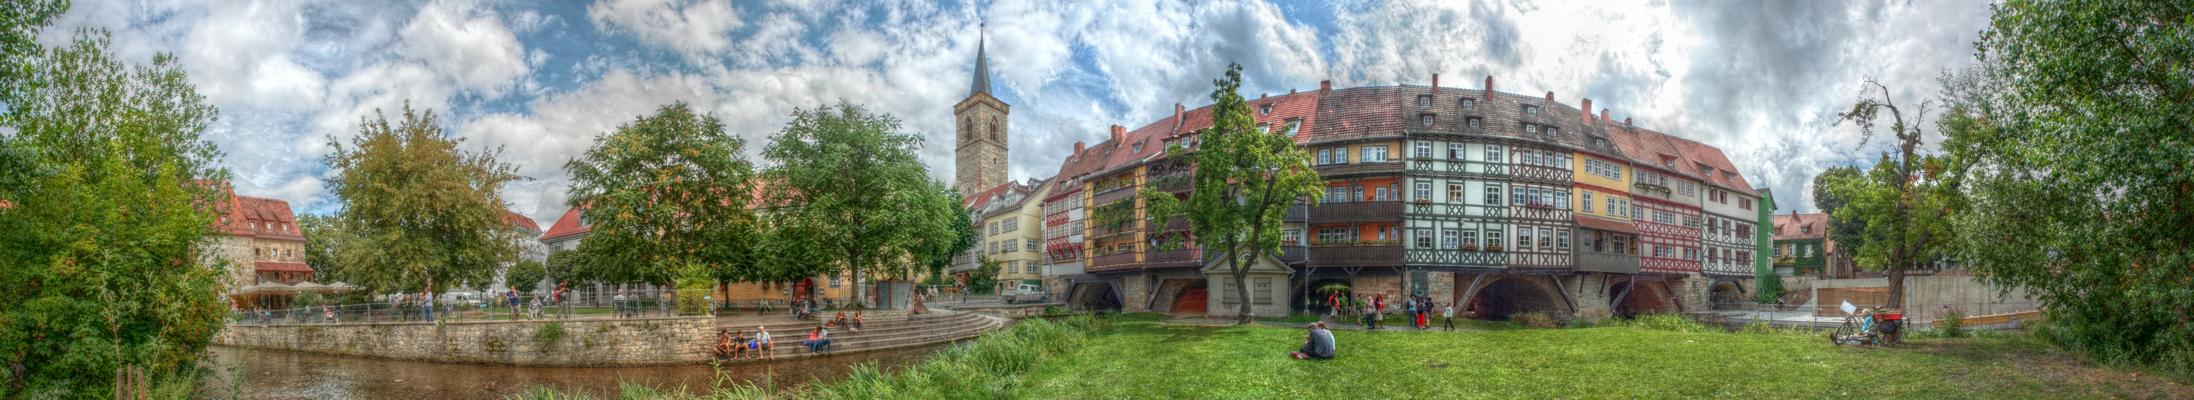 Erfurt Blick auf die Krämerbrücke